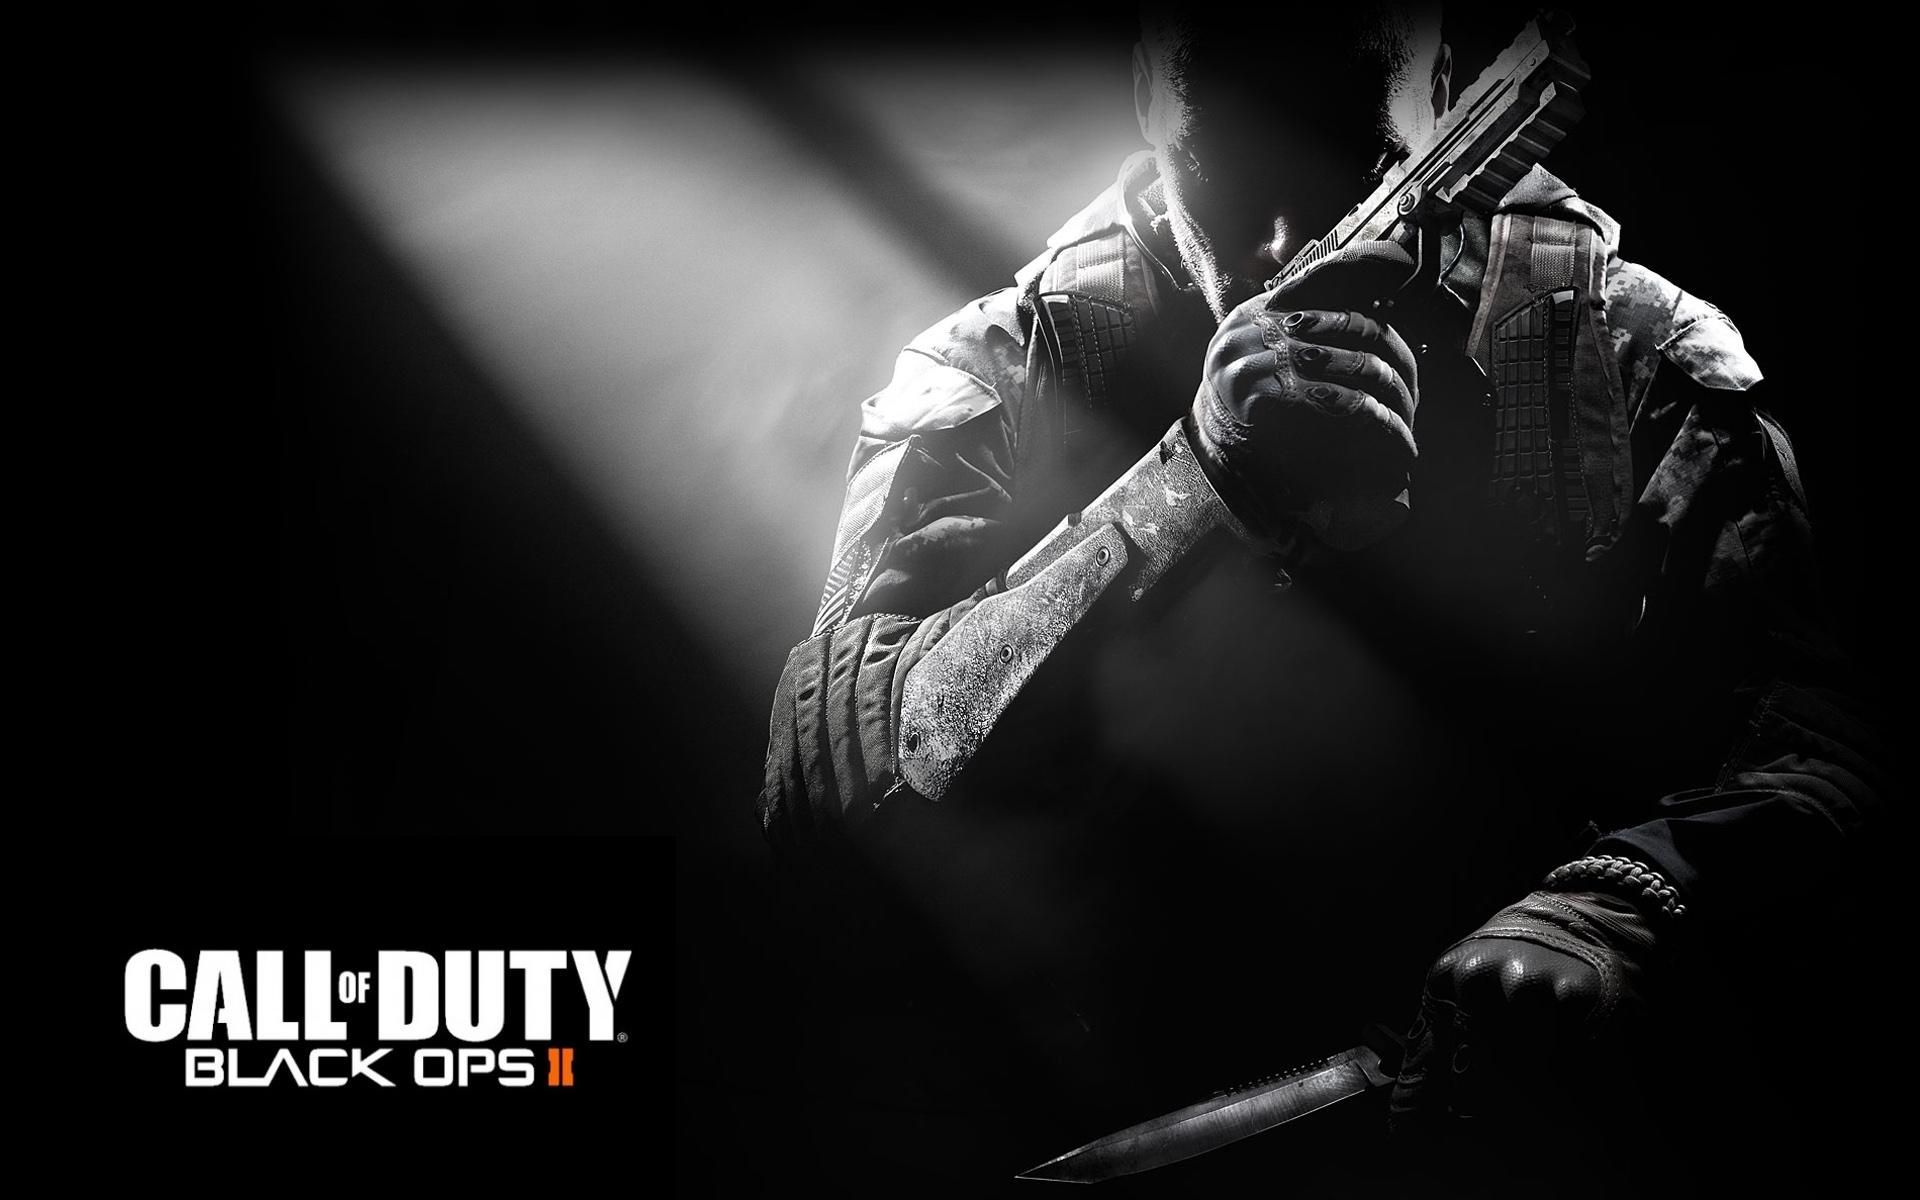 Description Call of Duty Black Ops 2 Wallpapers is a hi res Wallpaper 1920x1200